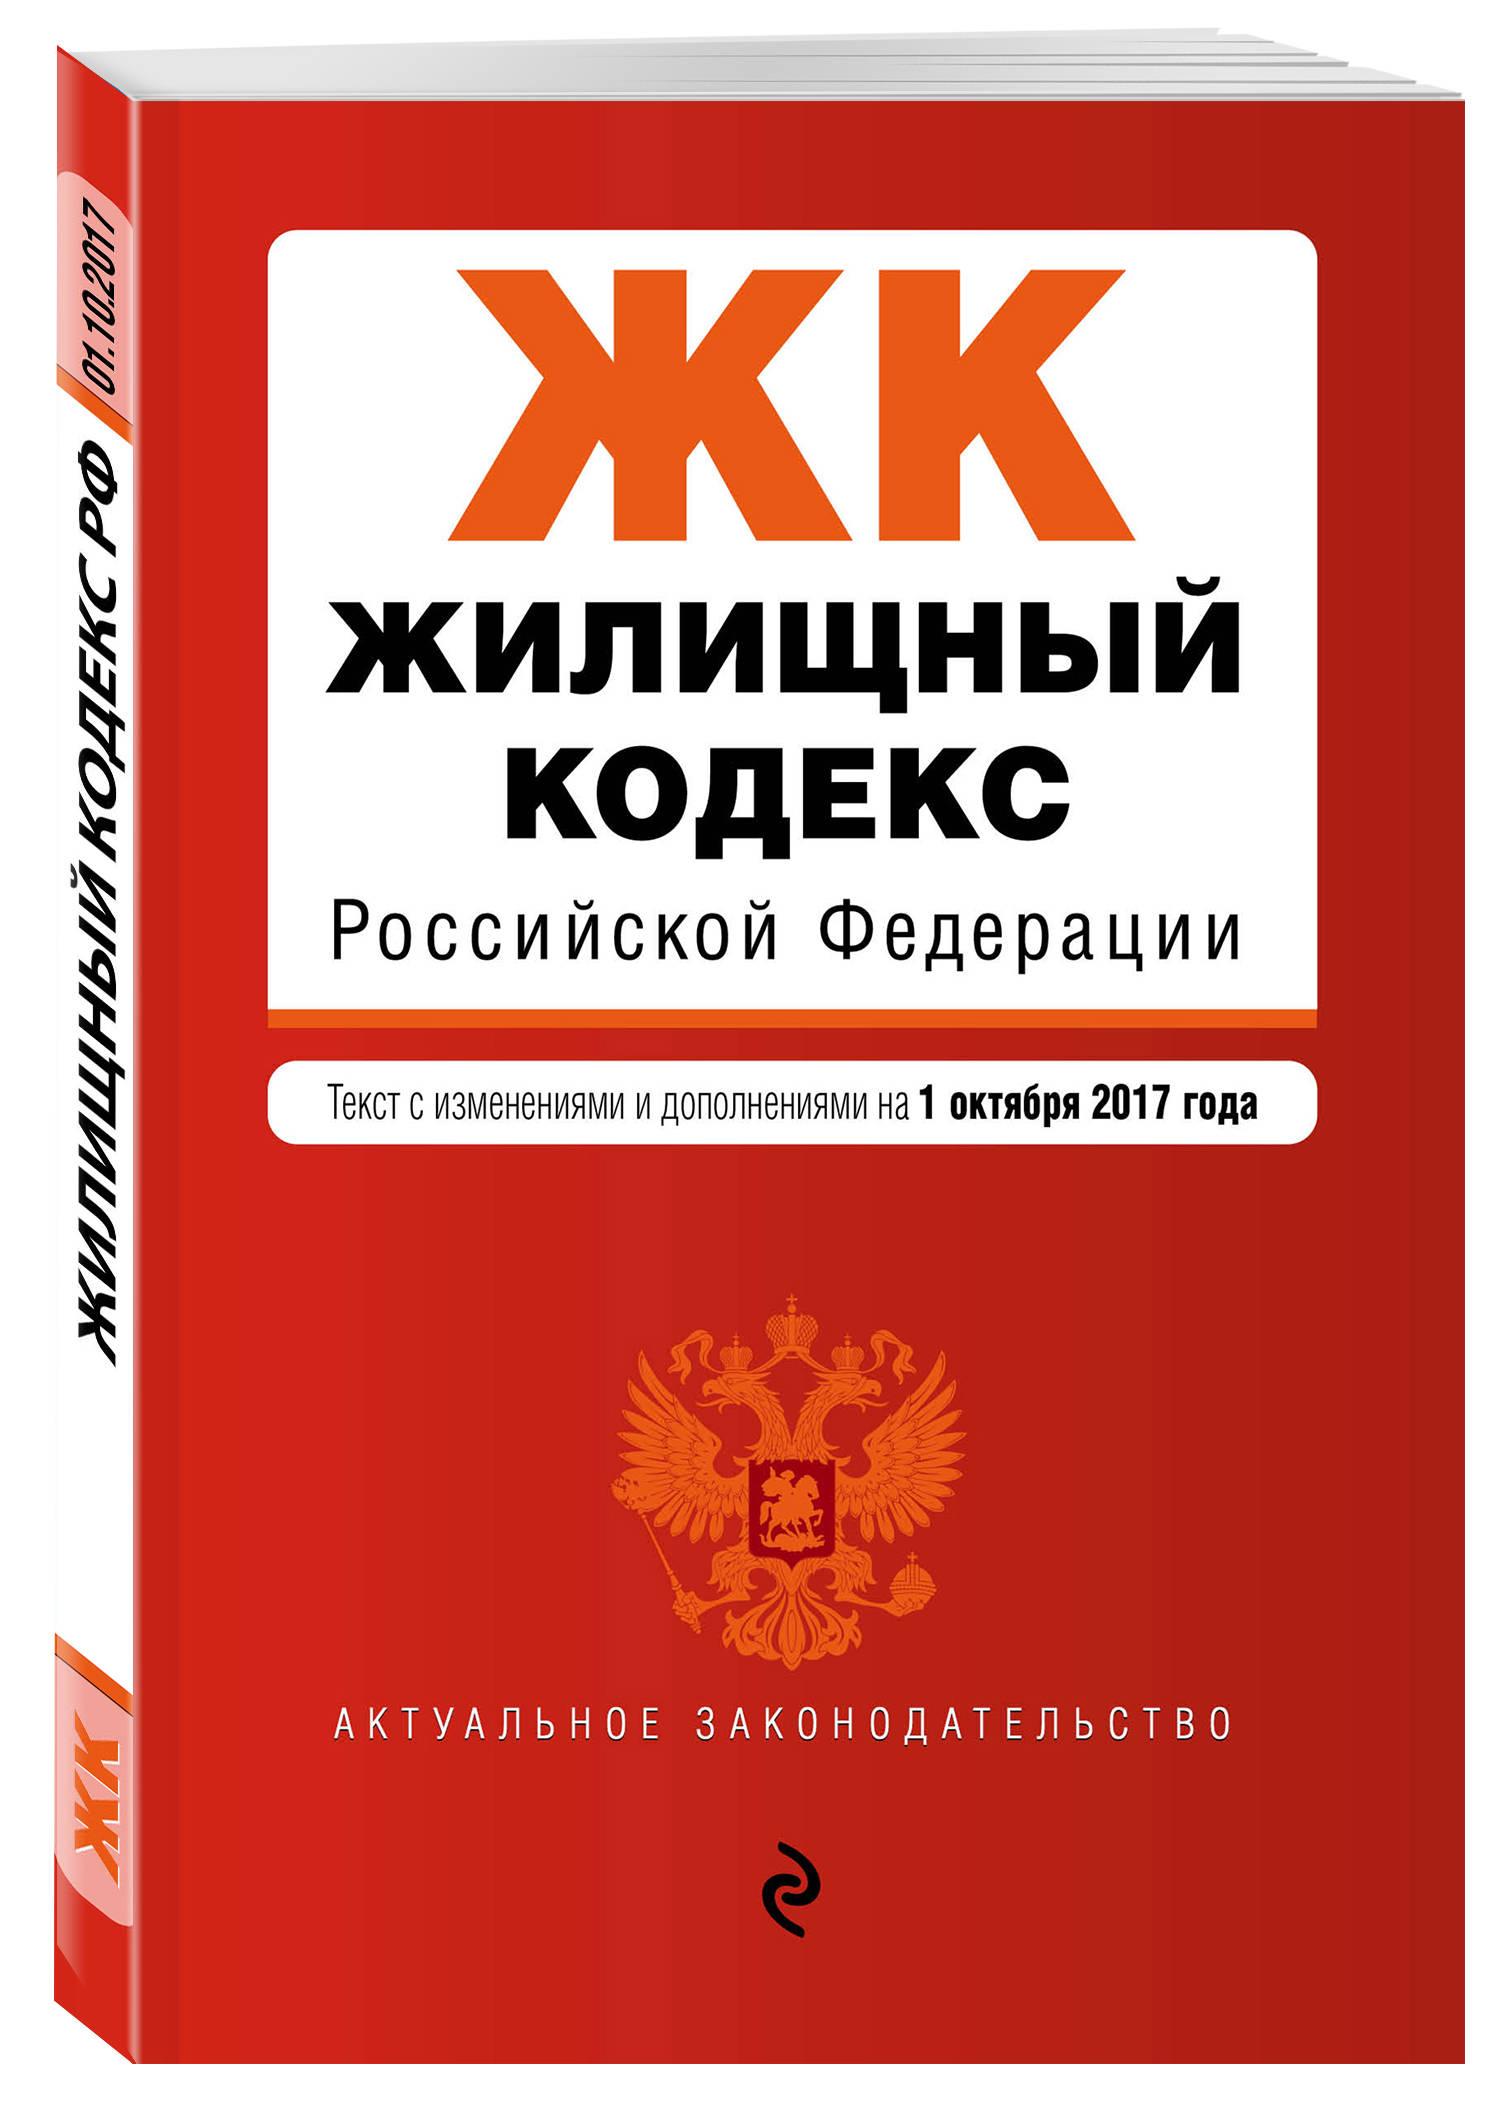 Жилищный кодекс Российской Федерации : текст с изм. и доп. на 1 октября 2017 г.